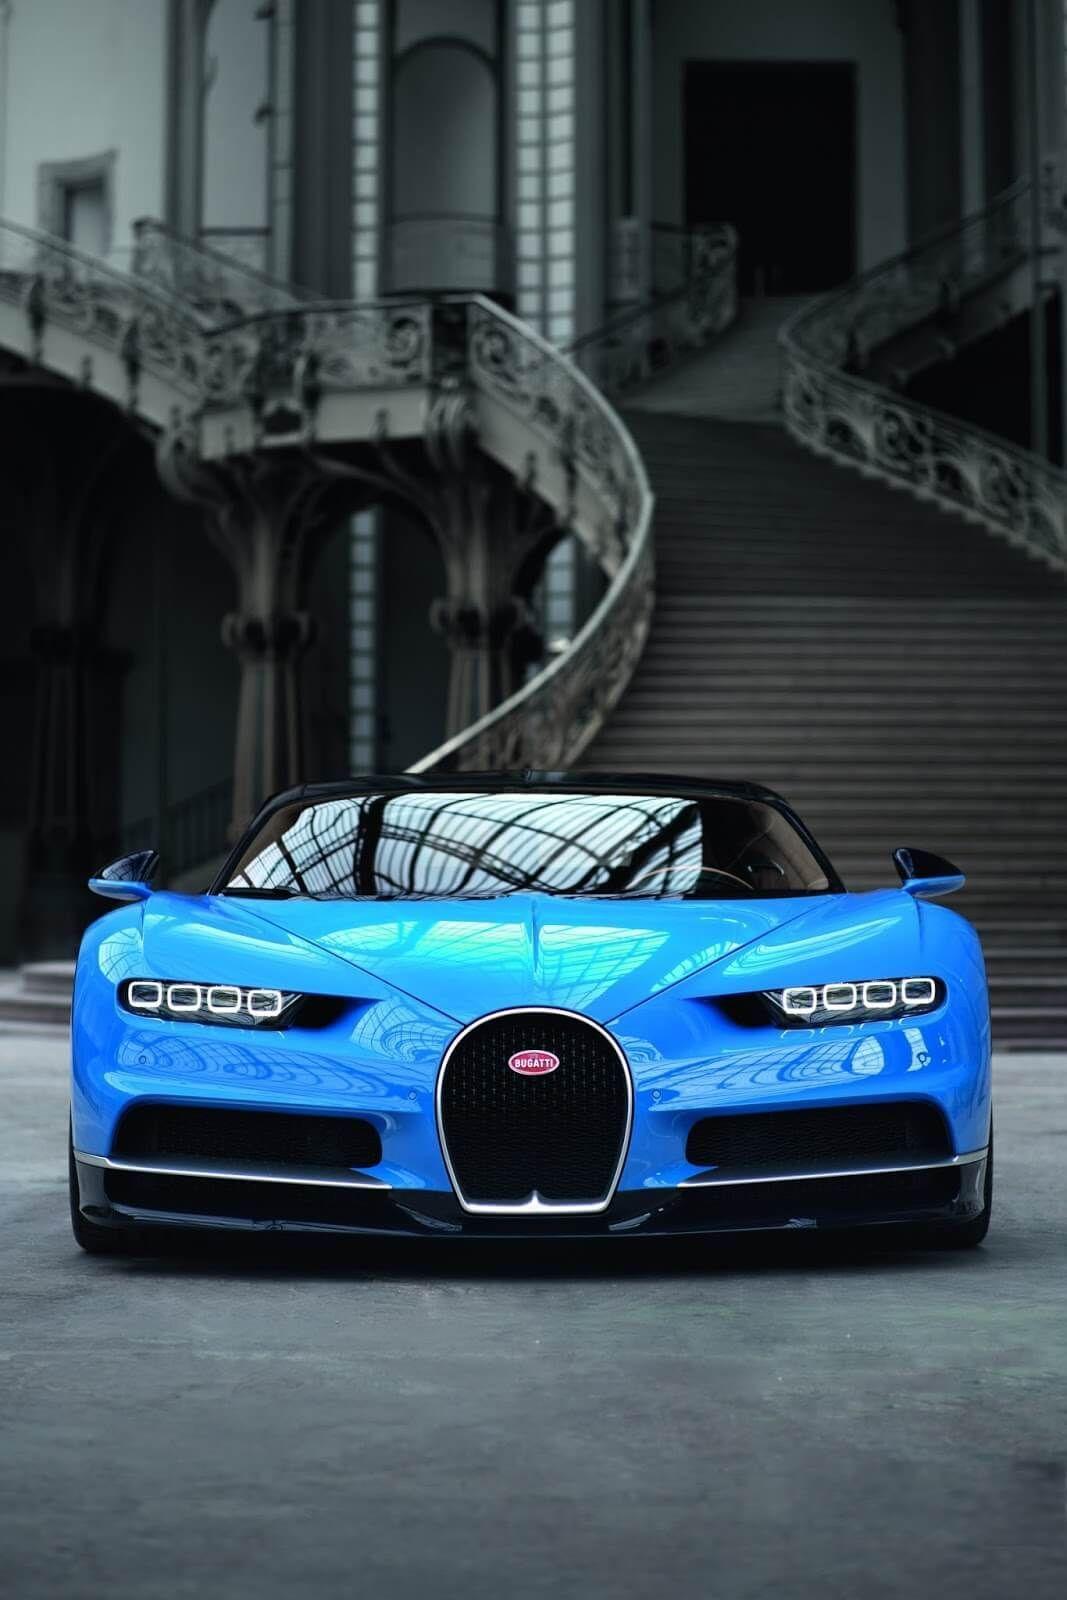 Bugatti Photos serie 5 Picture of Bugatti Bugatti